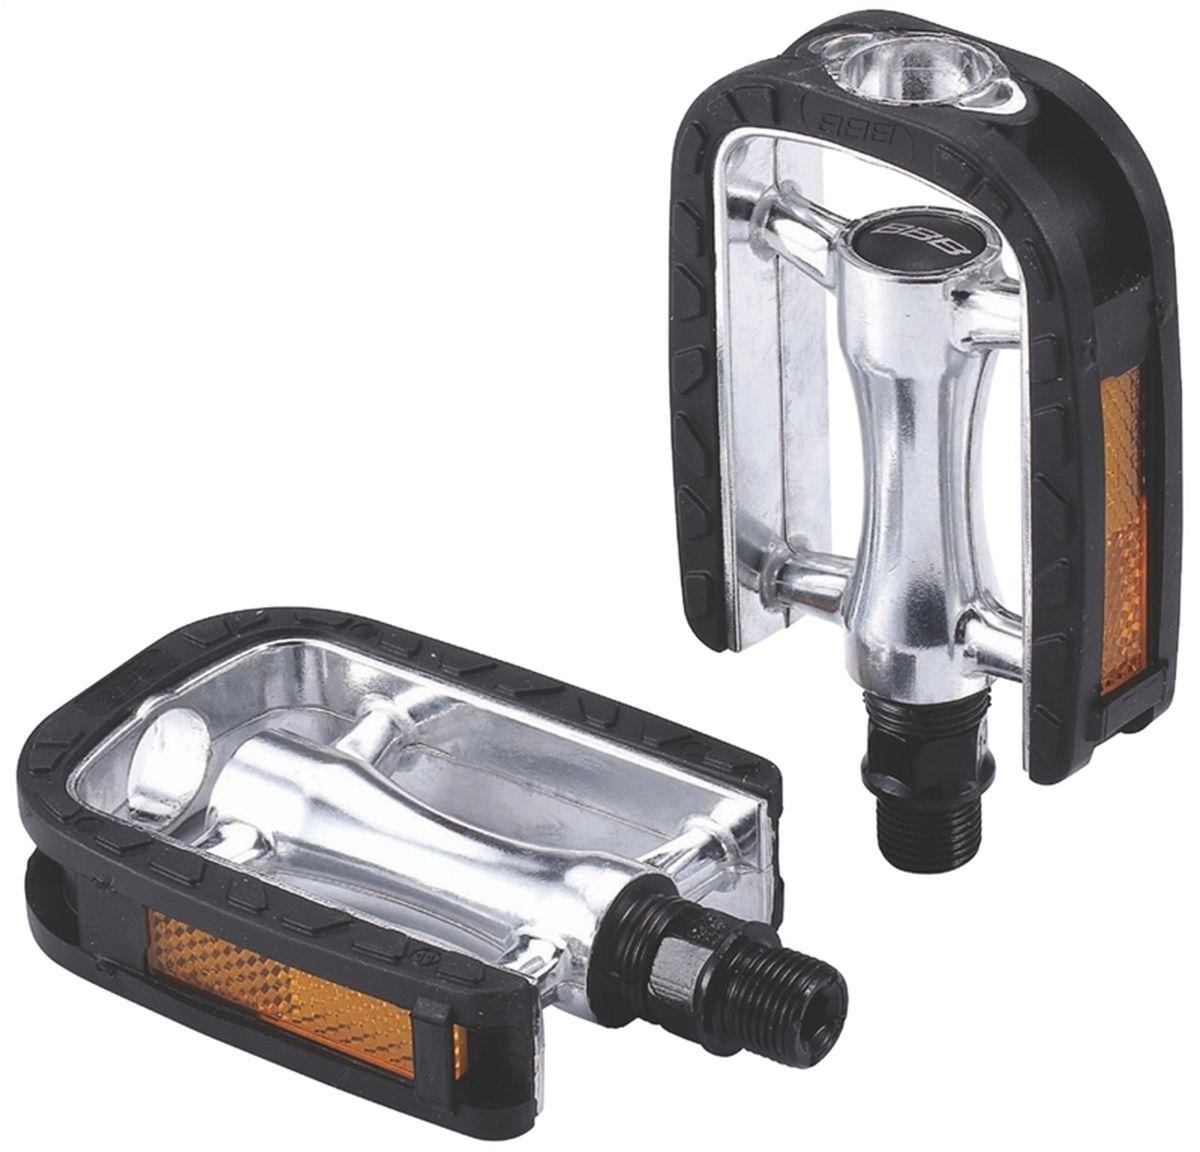 Педали BBB Trekking EasyRider II New Model, цвет: серебристый, черный, 2 штCRL-1Высокопрочные педали BBB Trekking EasyRider II New Model выполнены из алюминия с нескользящим резиновым покрытием. Прочная ось изготовлена из хроммолибденовой стали. Встроенные светоотражатели обеспечивают лучшую видимость вас в темноте.